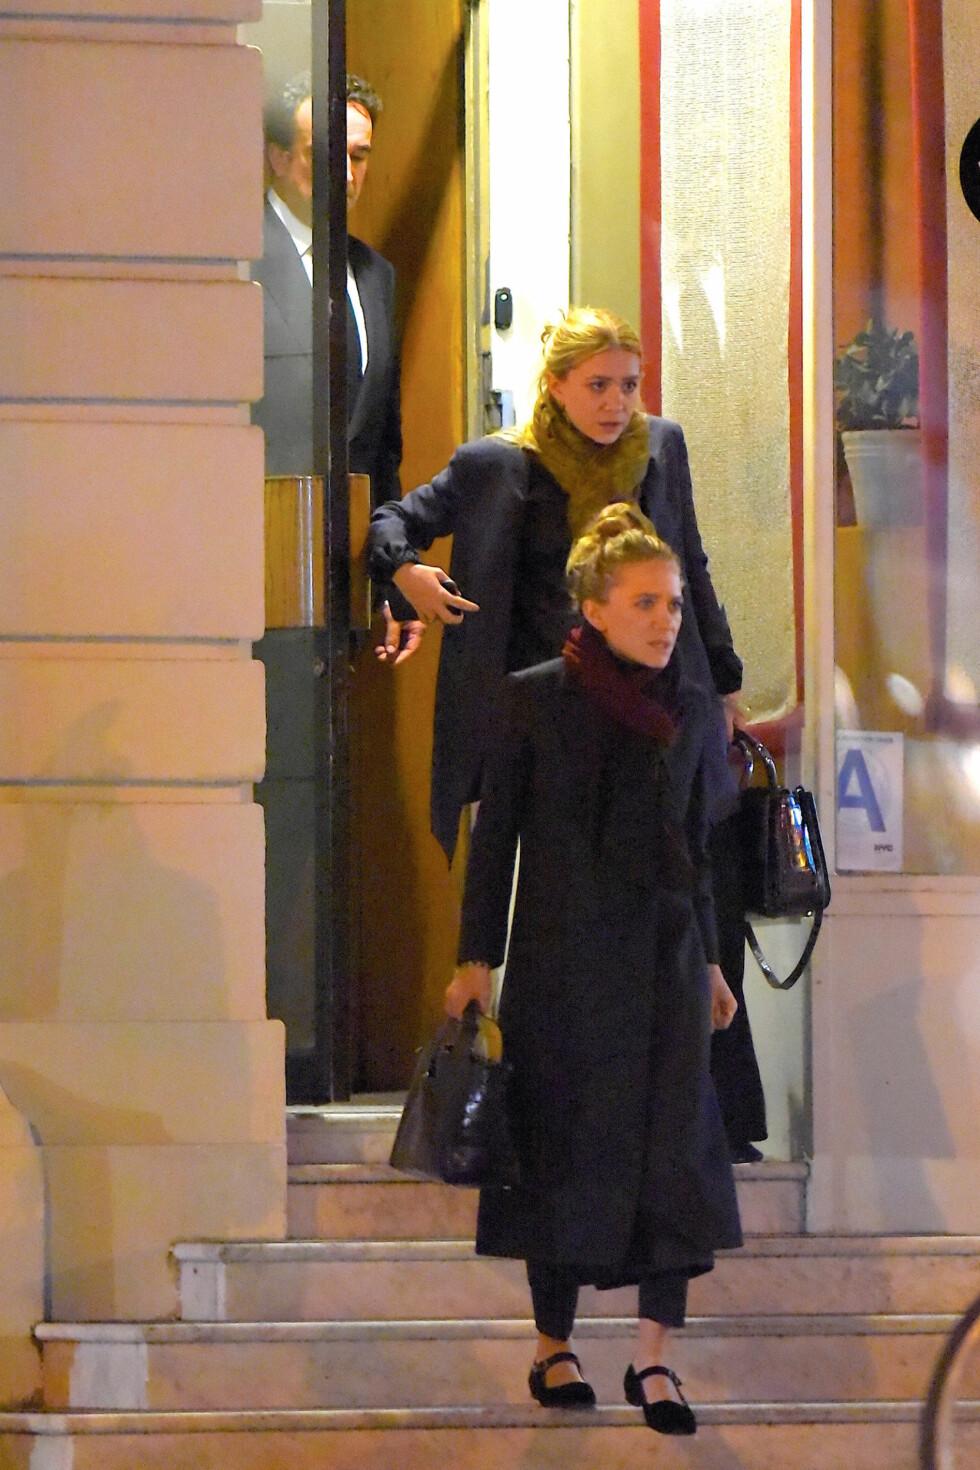 GODT GREP OM VERDIENE: Mary-Kate og Ashley Olsen forlater restauranten NoBu Next Door i Tribeca i New York sammen med Olivier Sarkozy - og de svindyre håndveskene sine.  Foto: Splash News